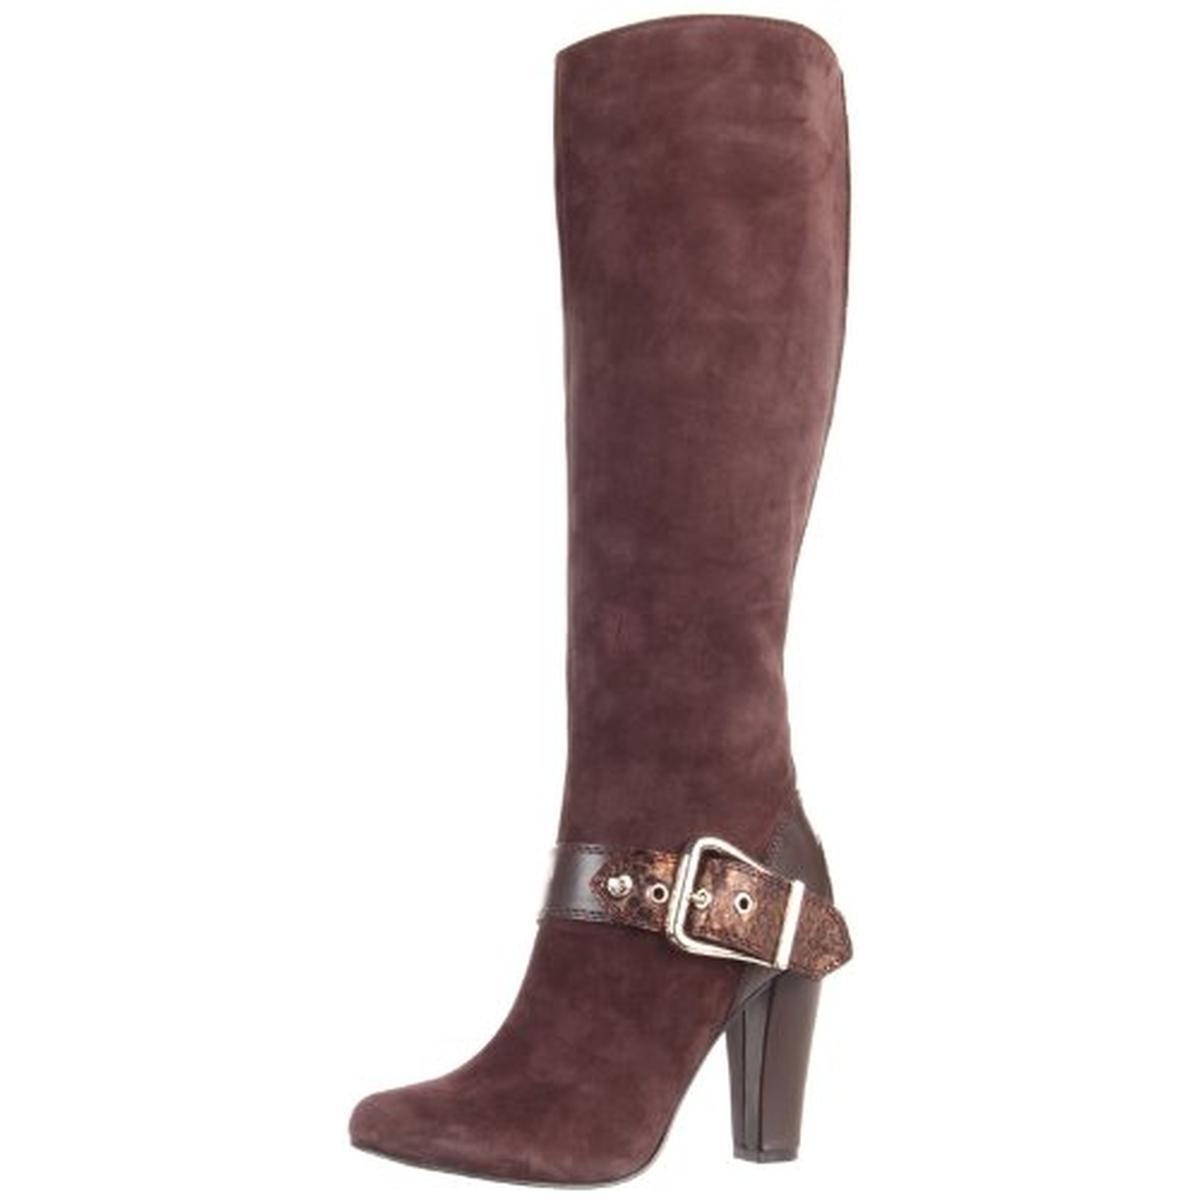 210 BCBGeneration Womens Oak Bronze Brown Knee-High Boots Sz 8.5 Medium (B,M)